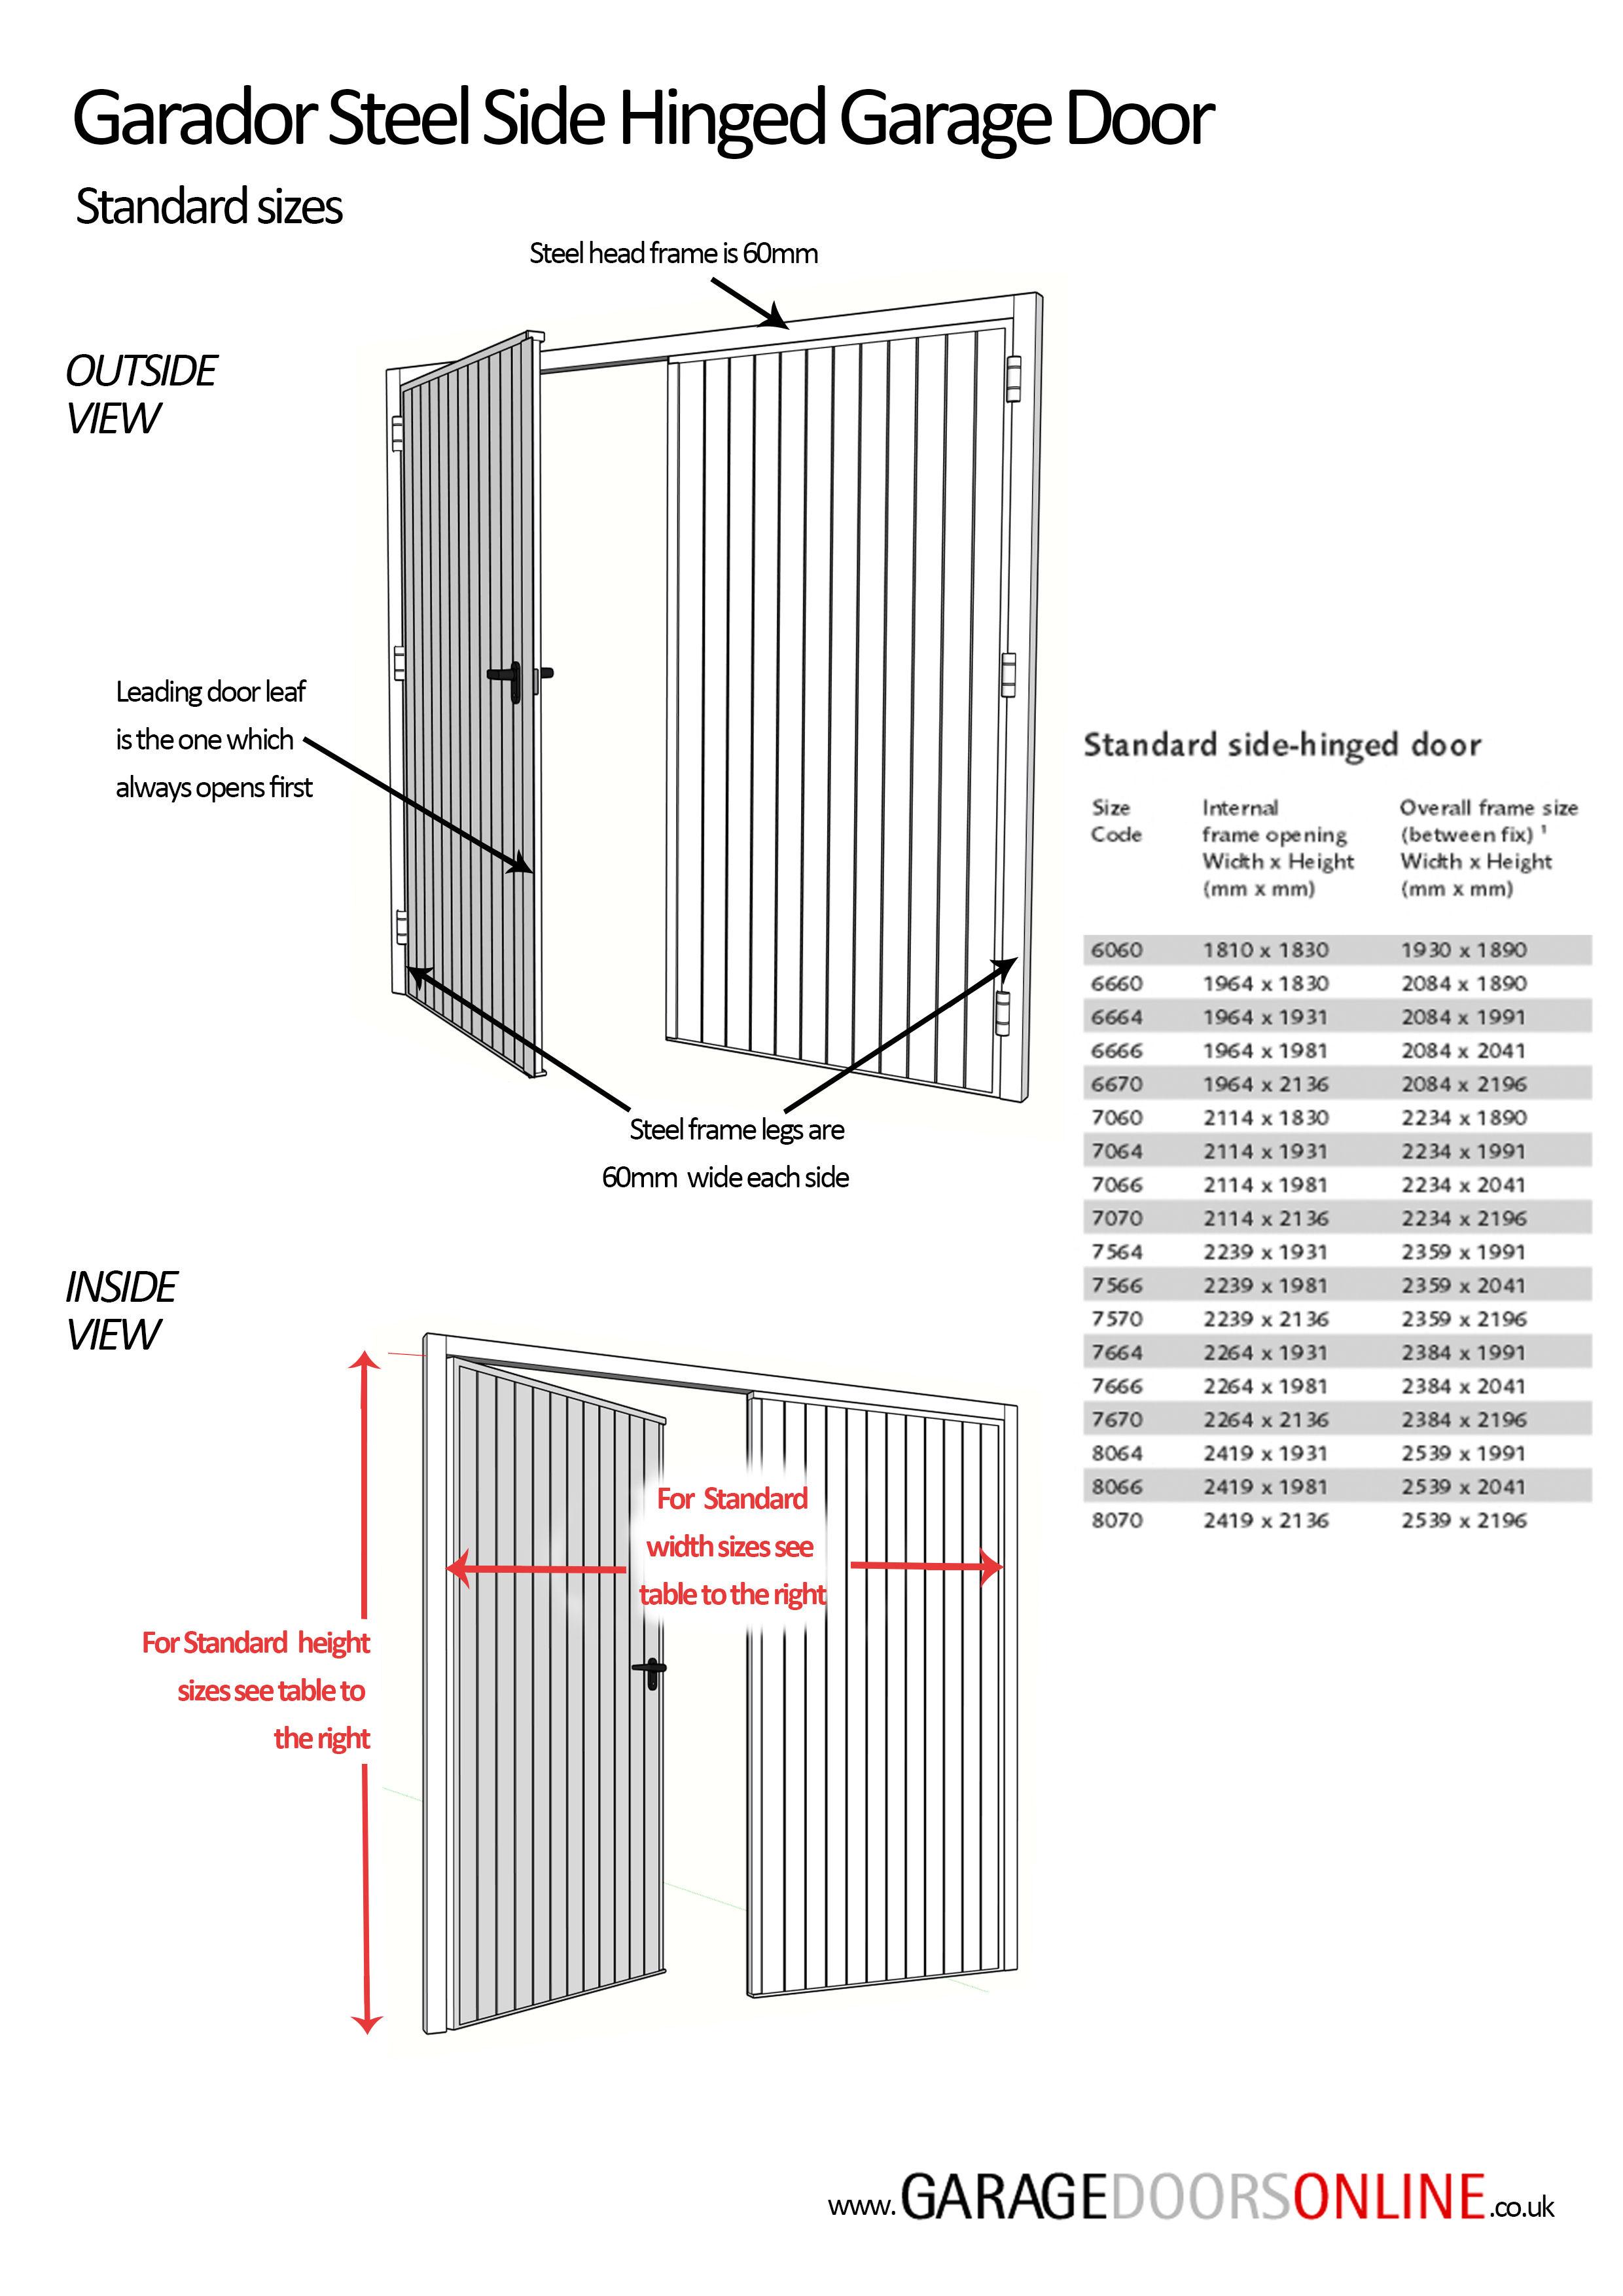 Garador Garador Georgian Steel Side Hinged Door Complete